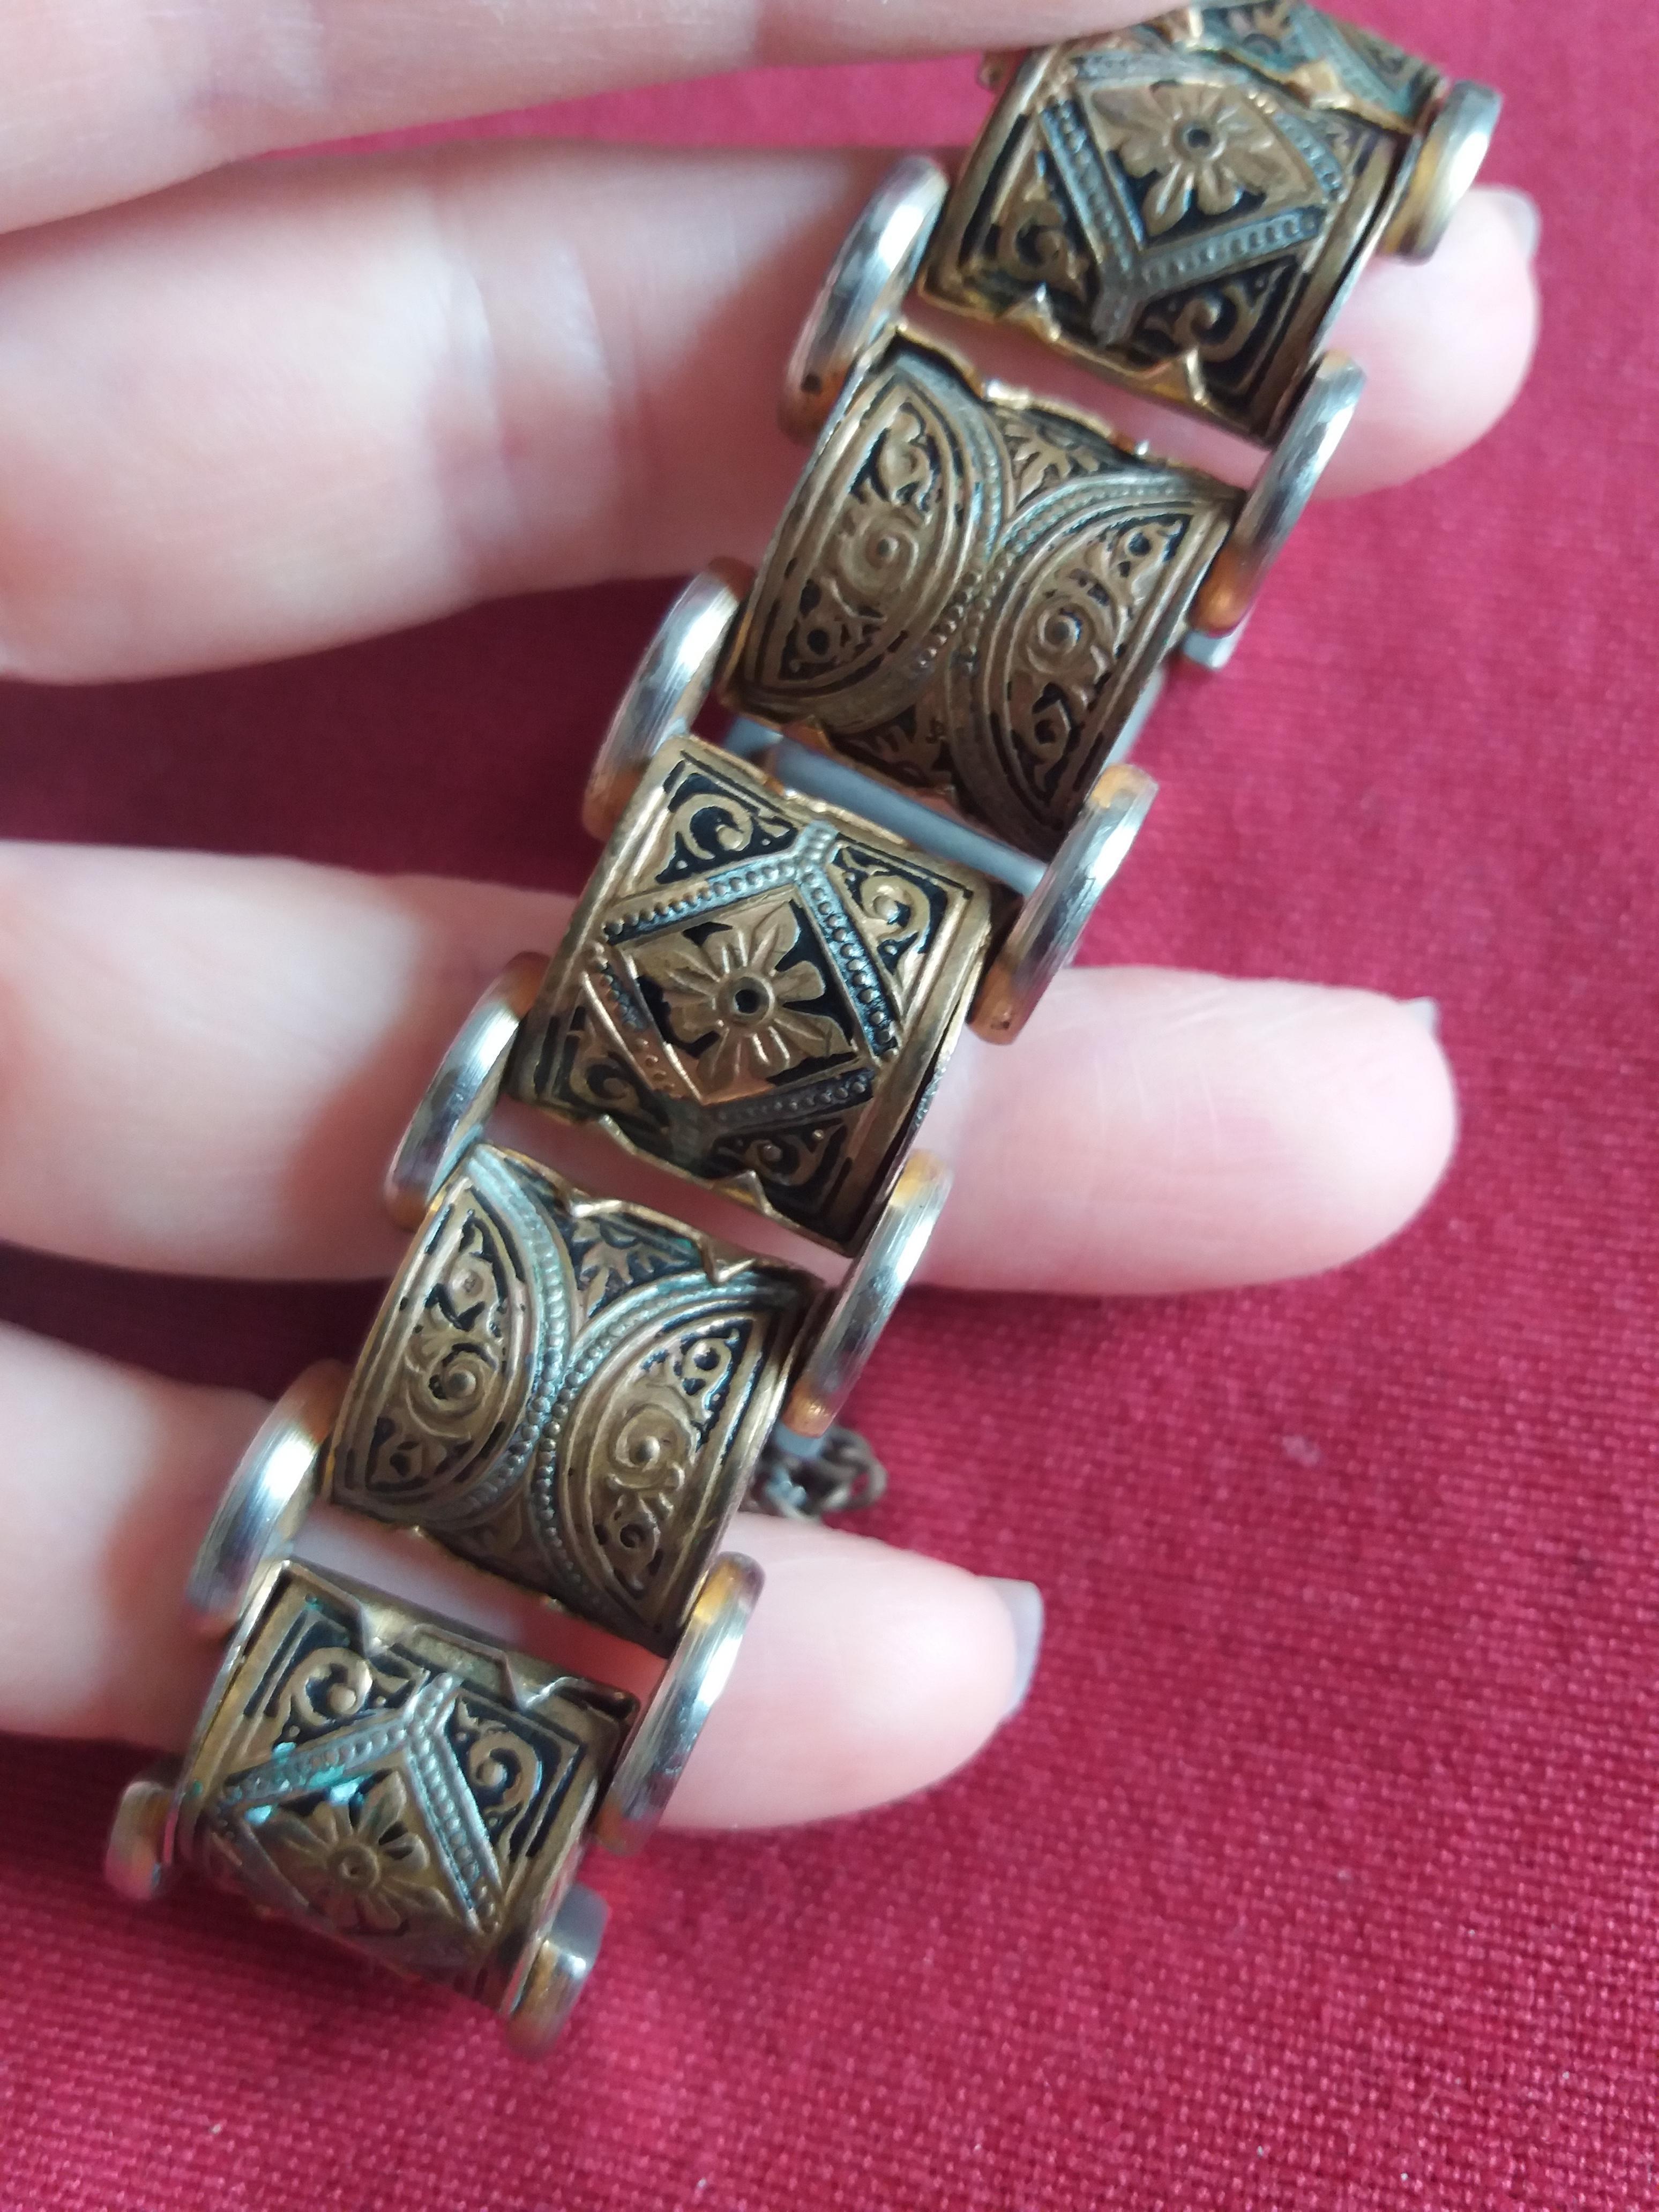 troc de troc bracelet  metal image 1